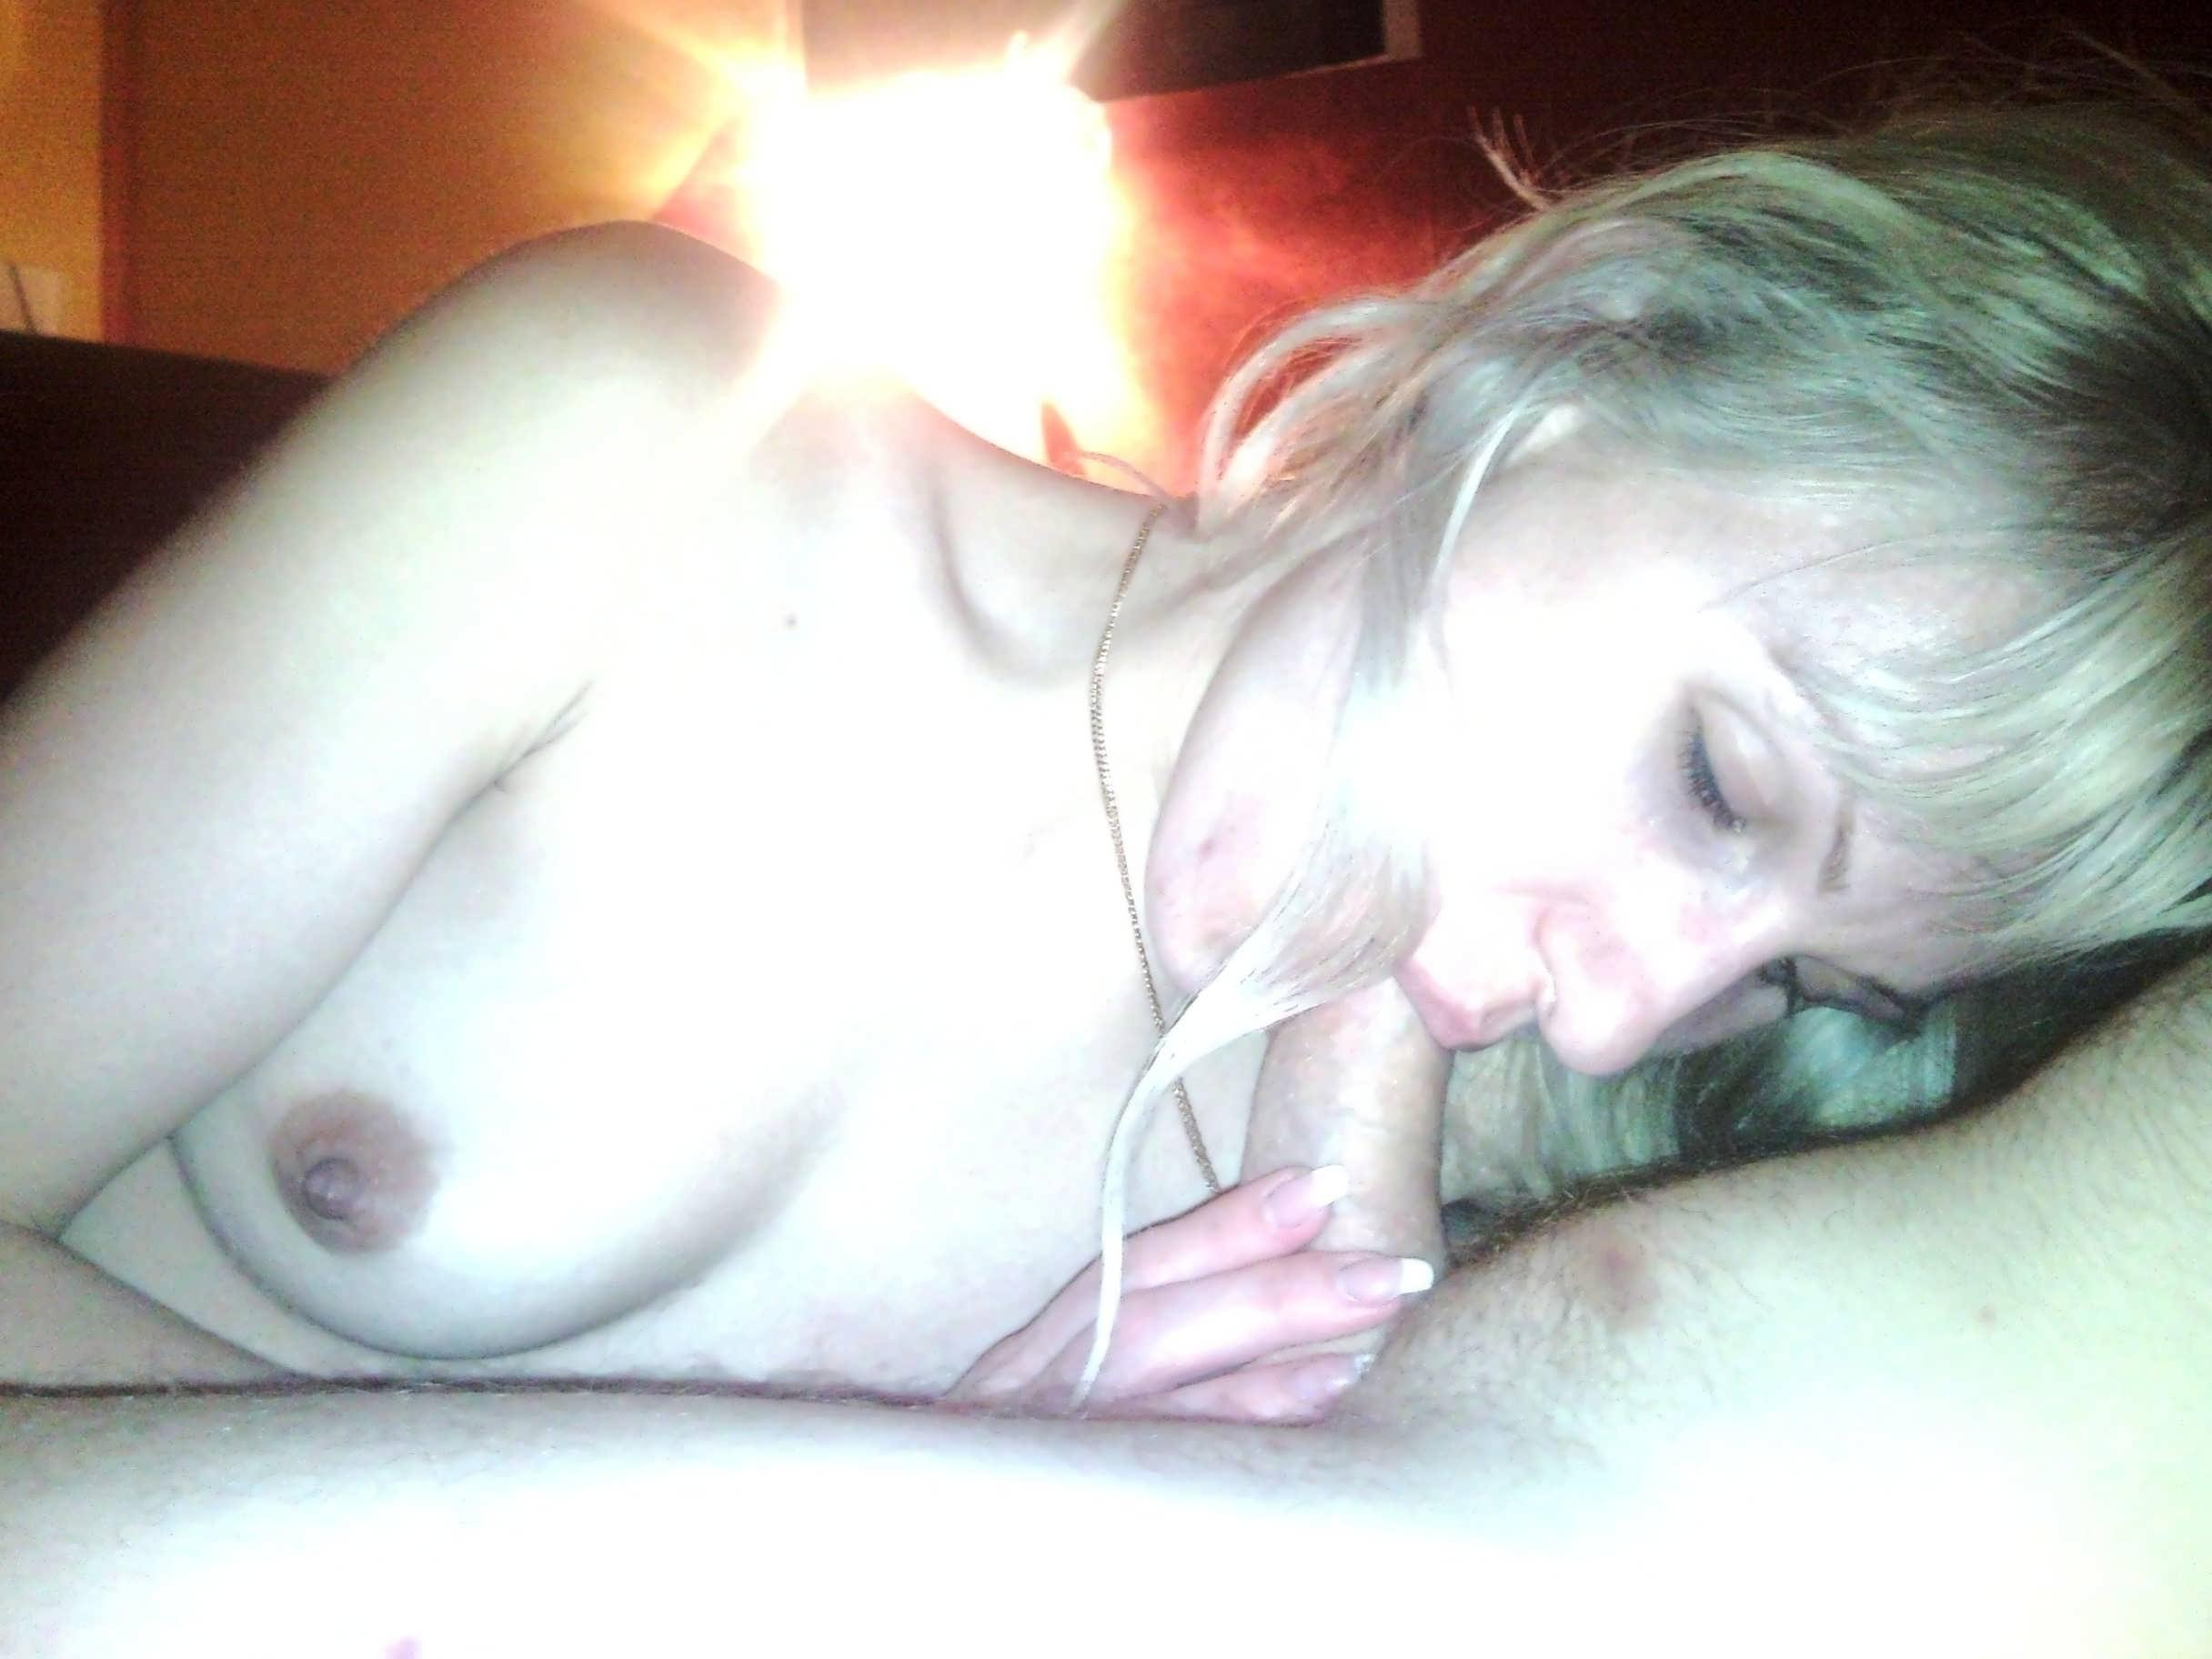 Ворованные фото девушек с телефона домашнего порно, порно кончает в узкую пизду